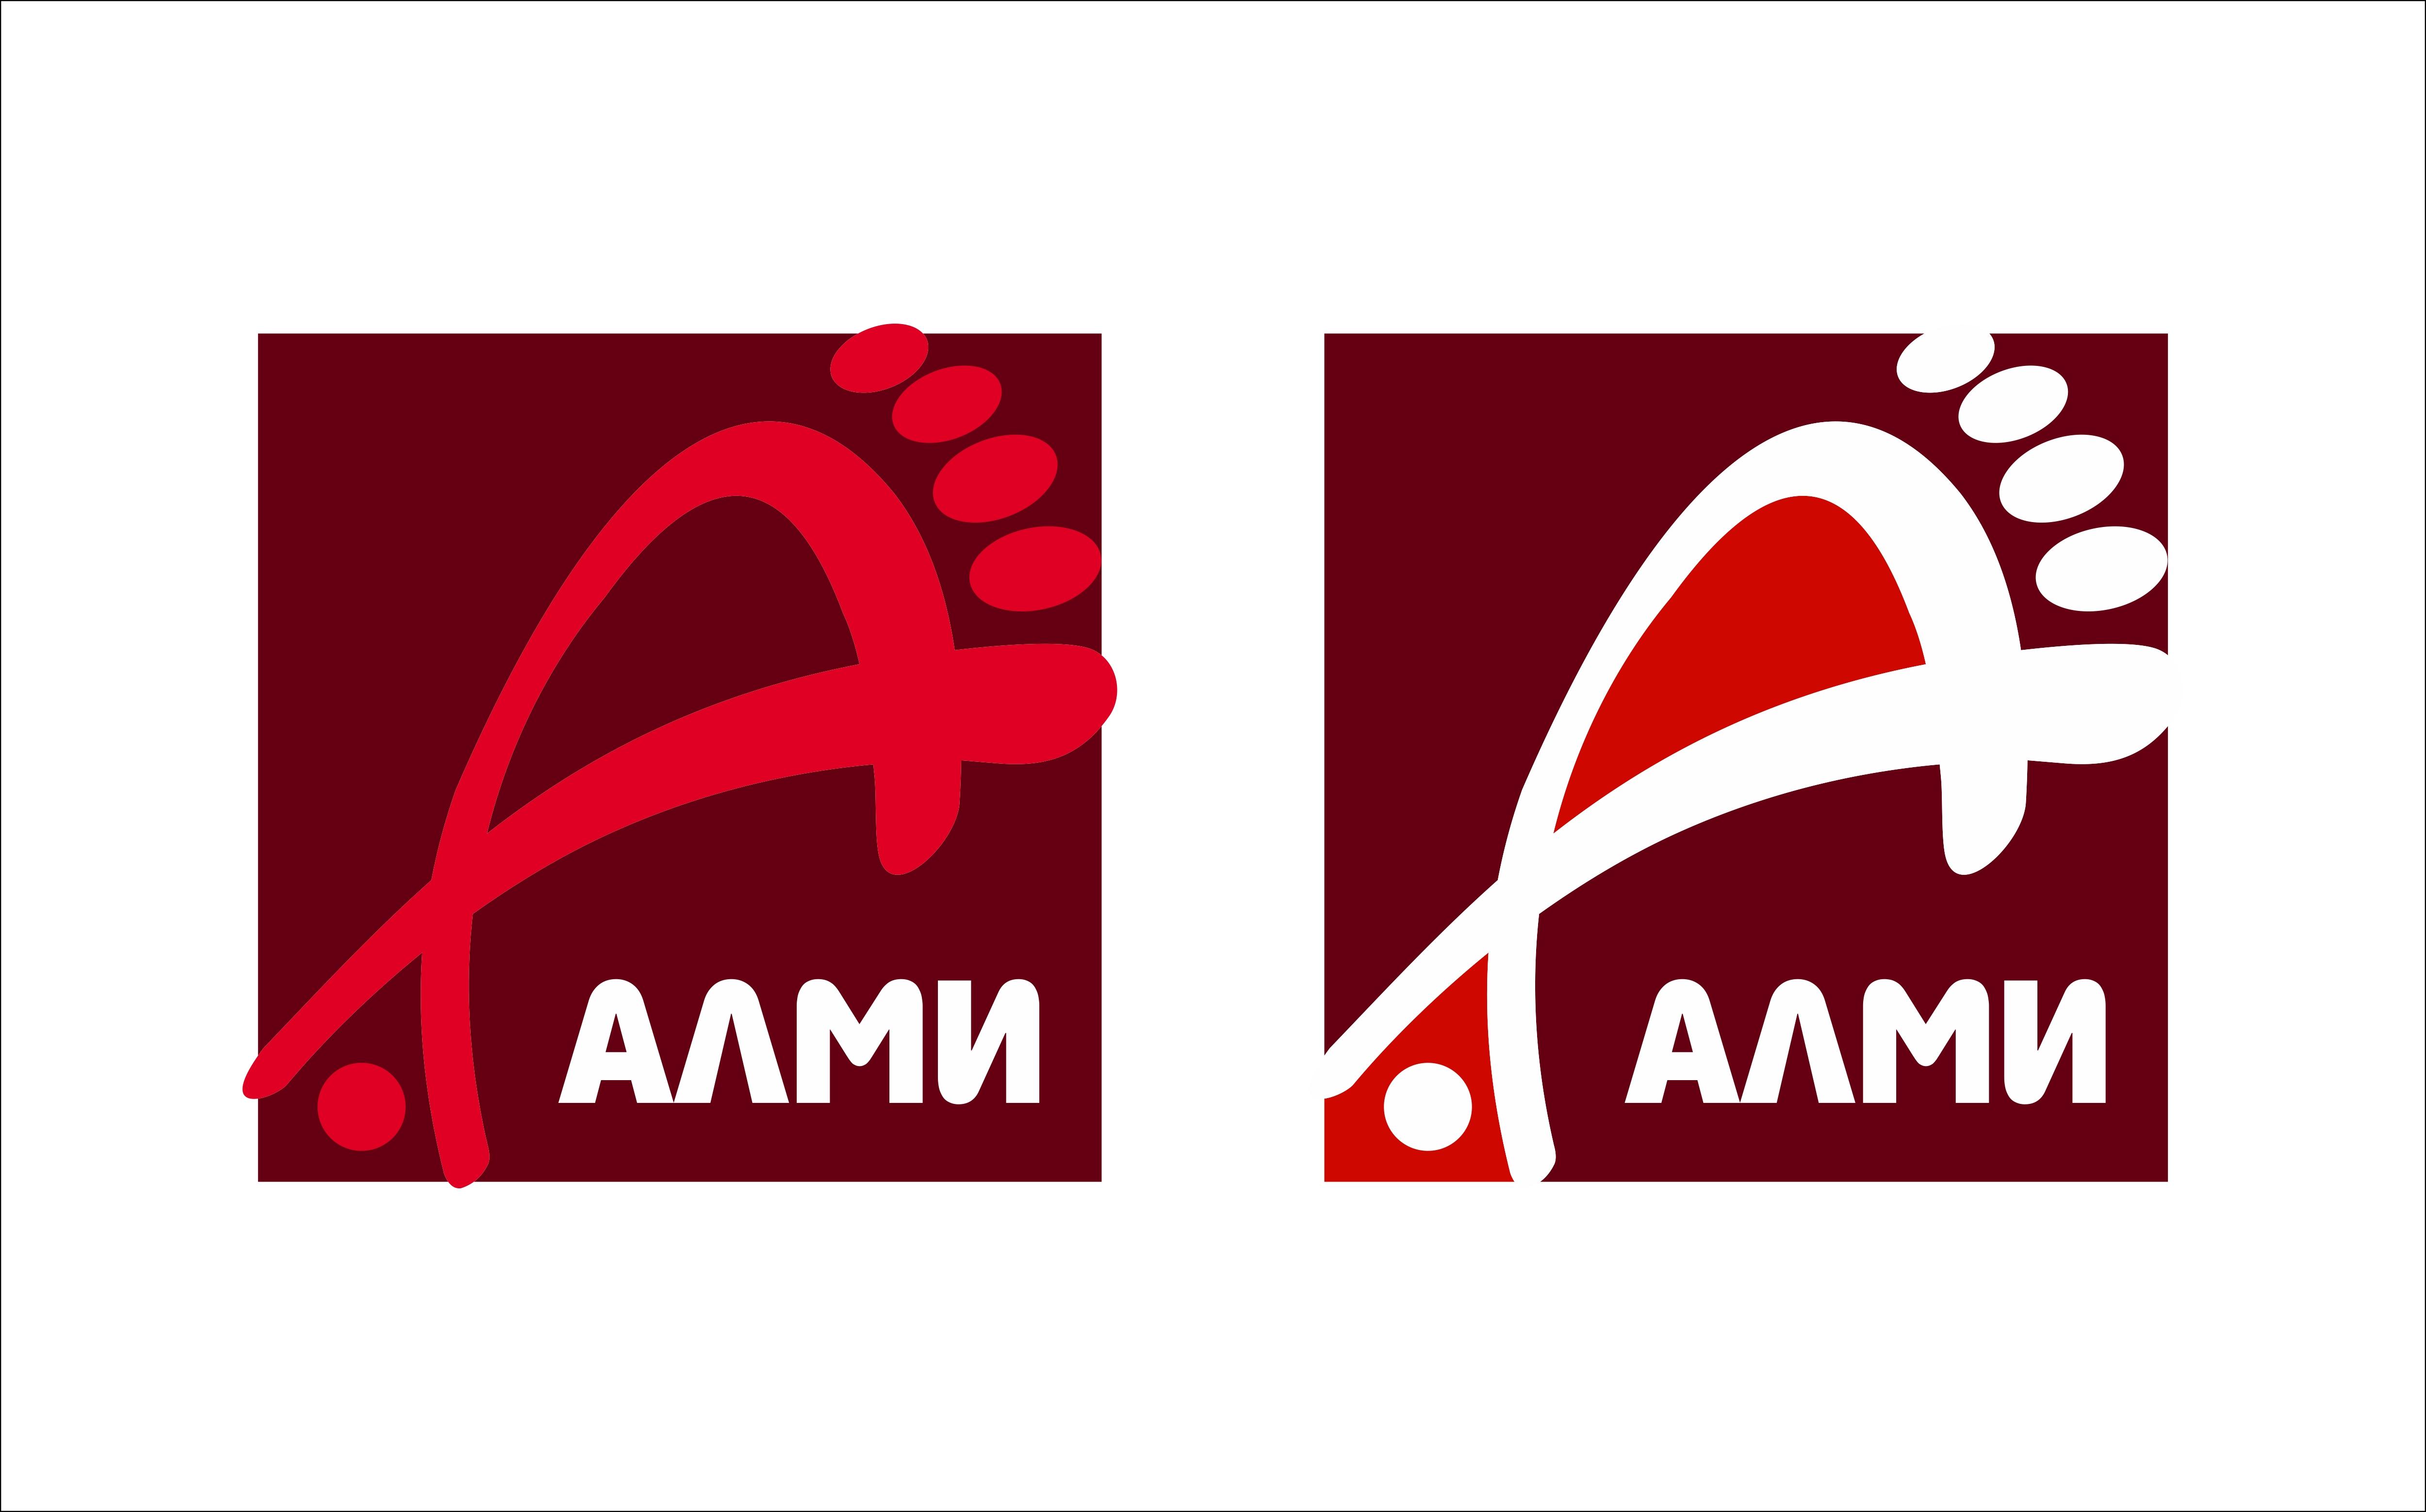 Дизайн логотипа обувной марки Алми фото f_63859e0f99ea0ade.jpg